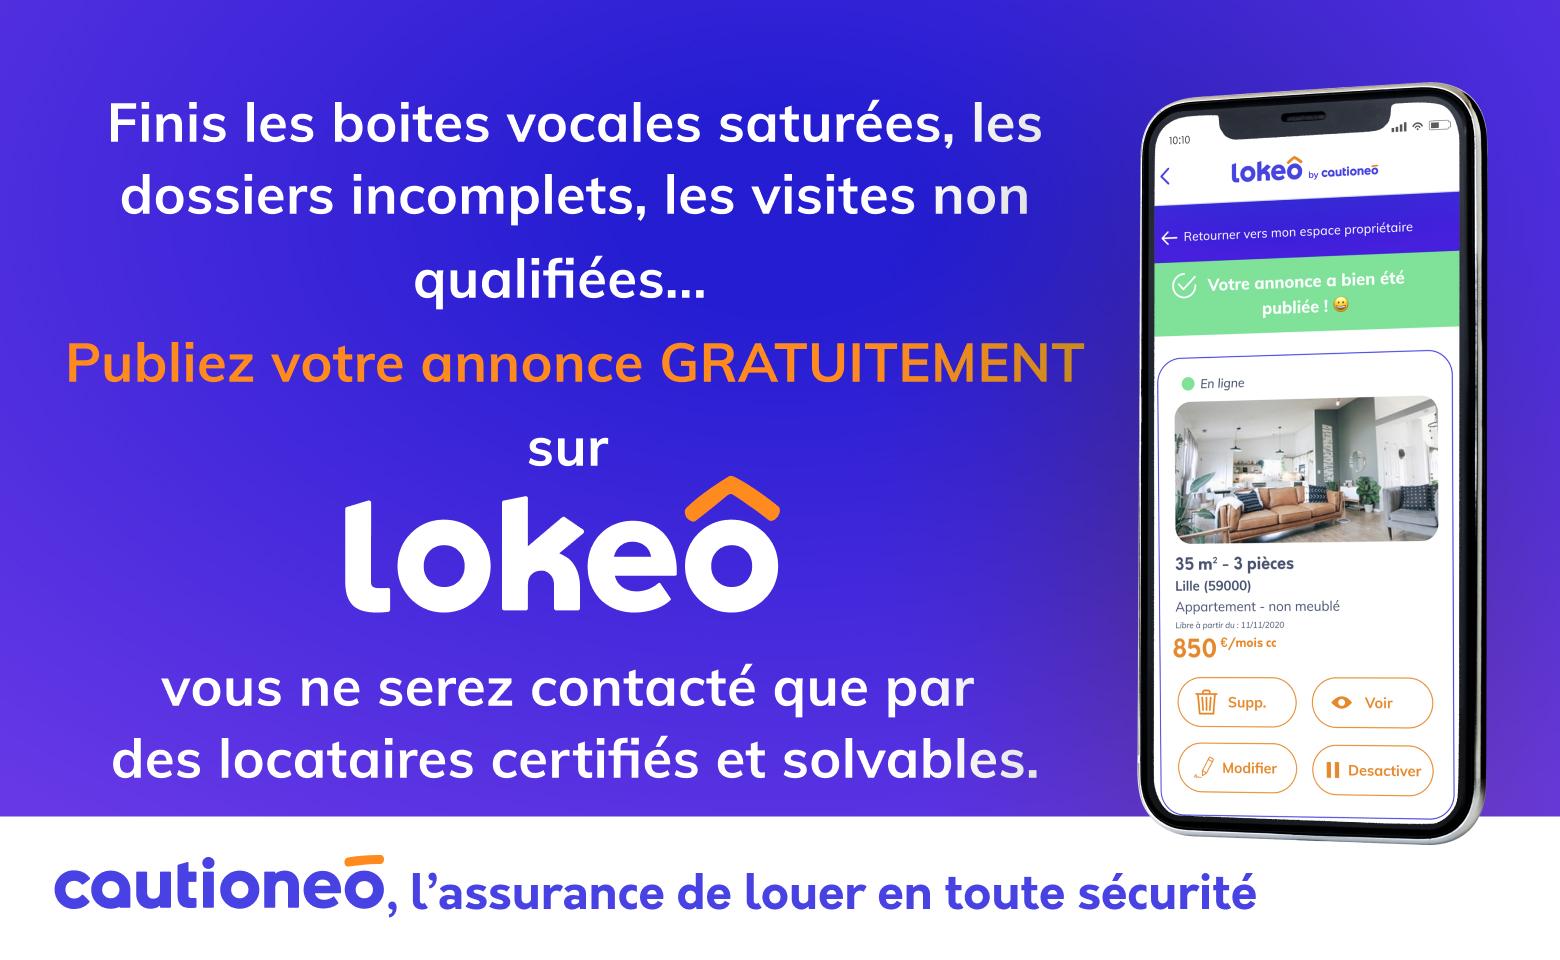 Diffusez gratuitement vos annonces de location auprès de locataires certifiés et solvables sur Lokeo by Cautioneo